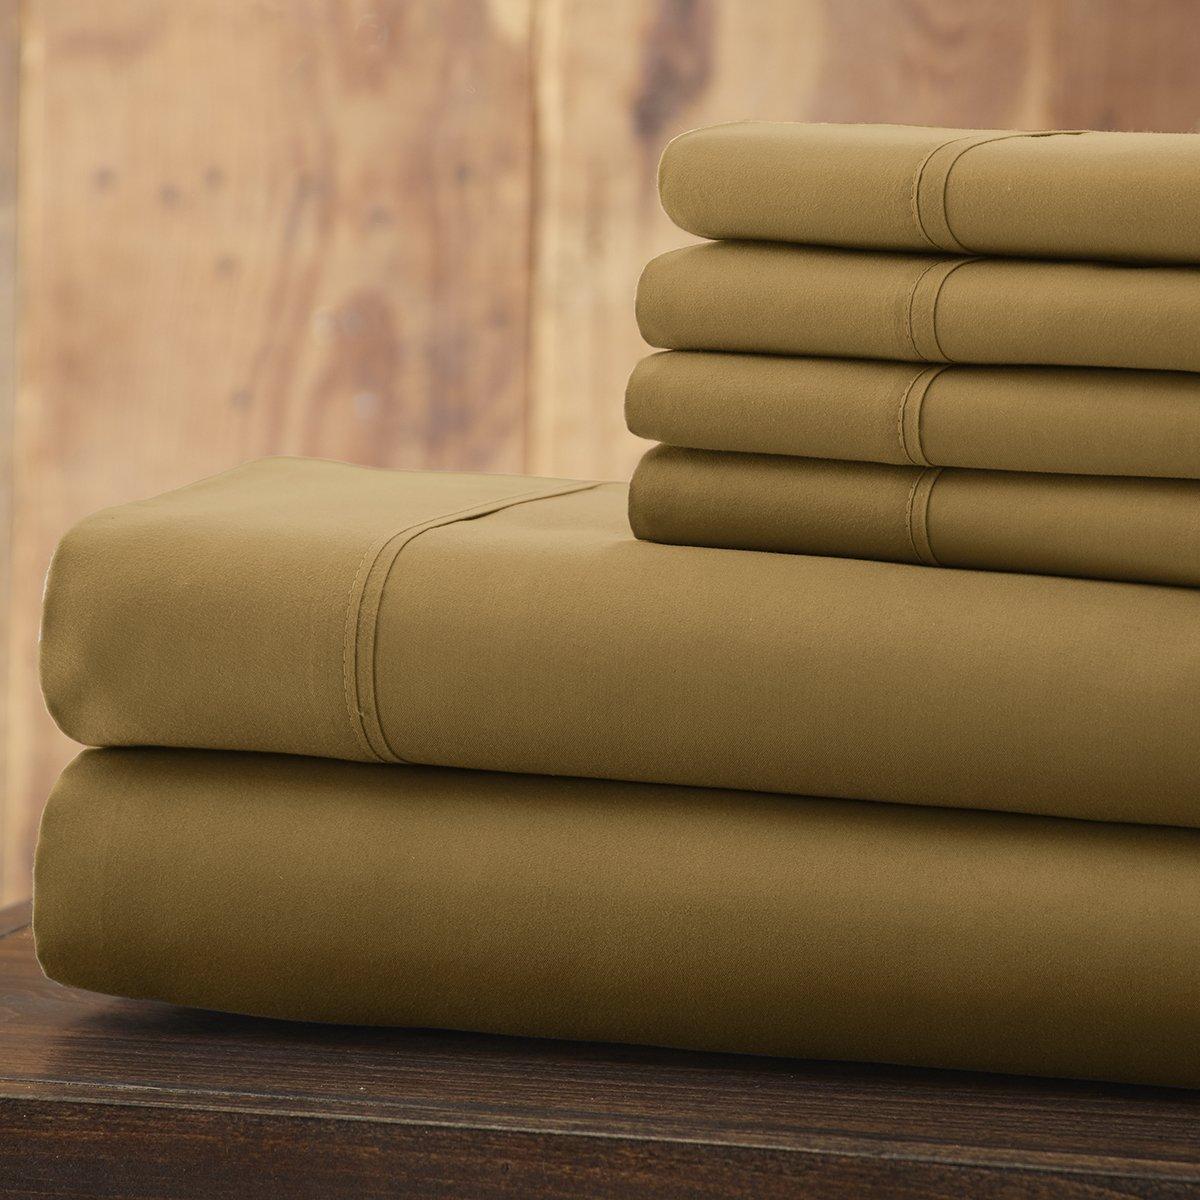 Spirit Linen 6 Piece Everyday Essentials 1800 Series Sheet Set, Queen, Gold